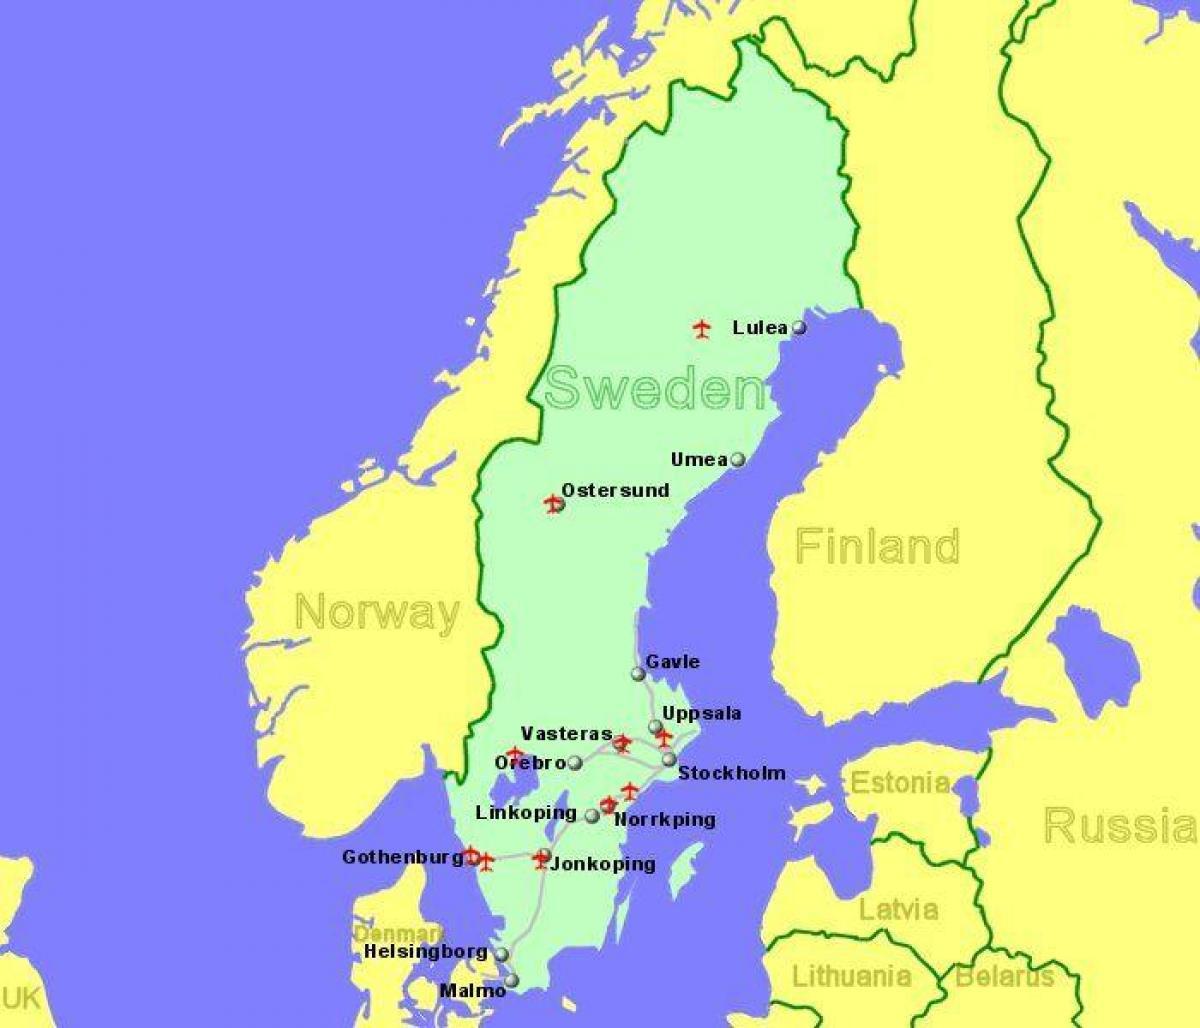 Lufthavne I Sverige Kort Kort Over Lufthavne I Sverige I Det